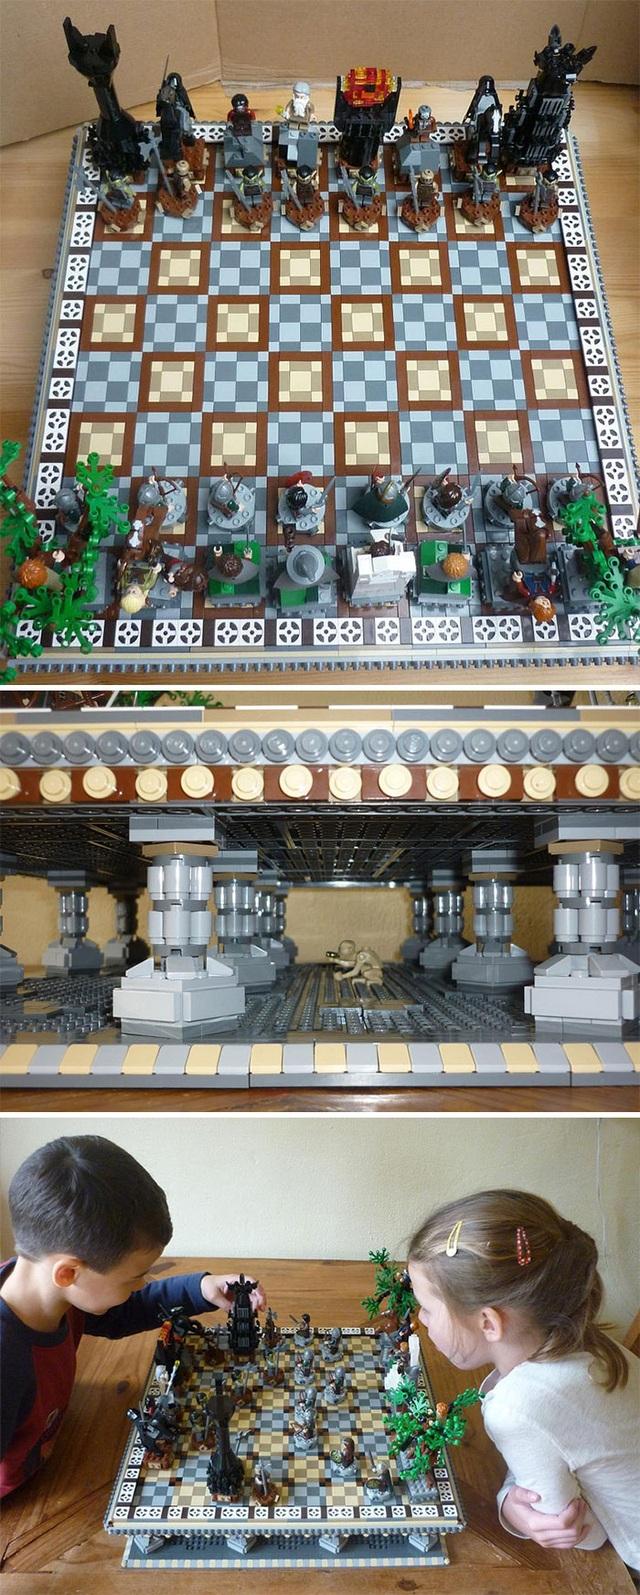 Thay thế bàn cờ vua nhàm chán bằng đồ chơi LEGO sinh độc, độc đáo